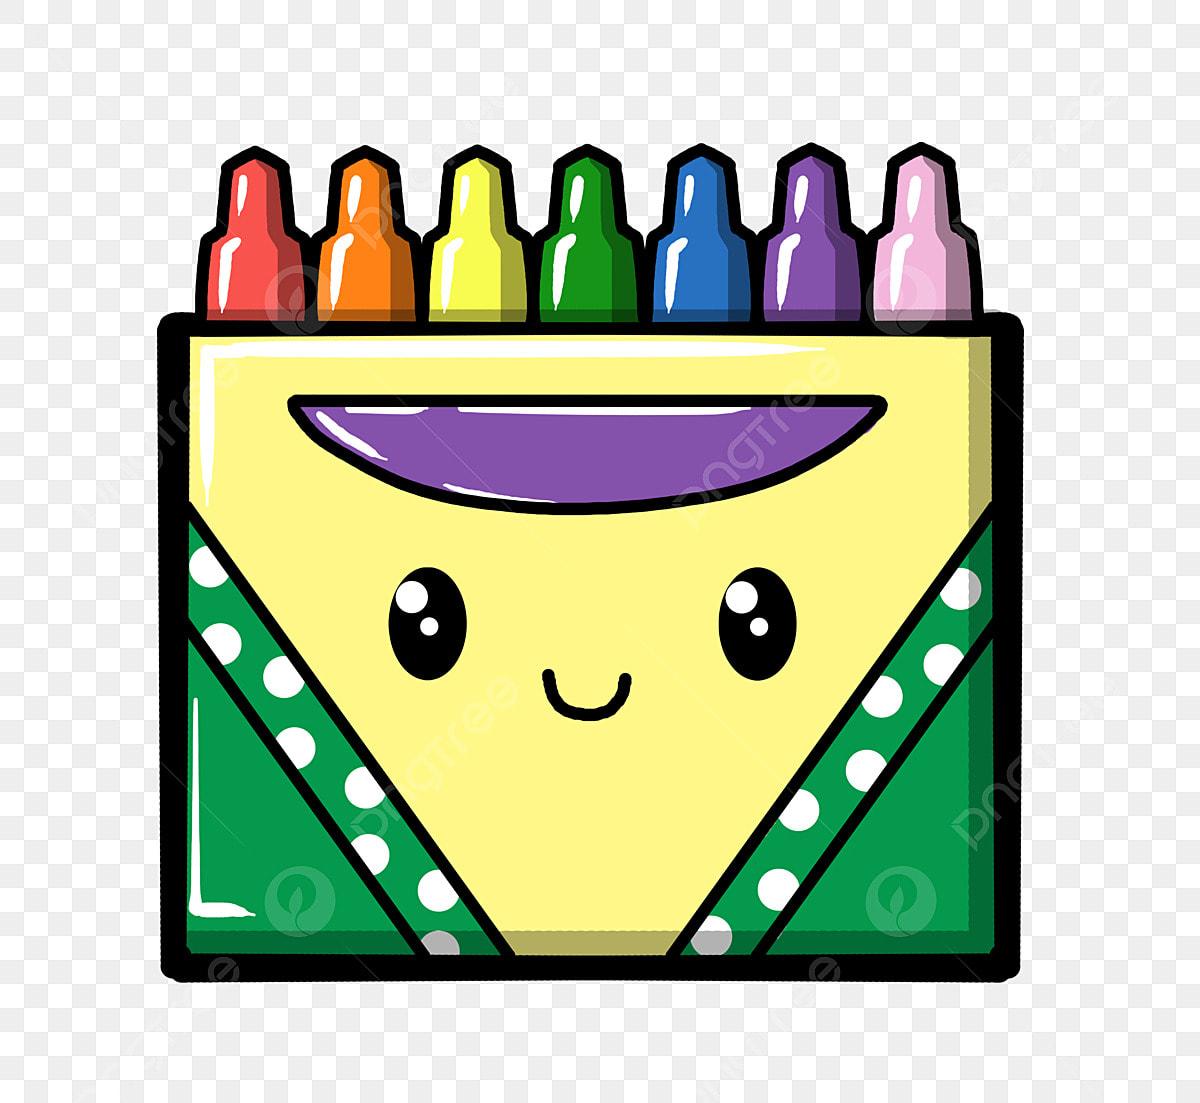 Gambar Krayon Krayon Berwarna Krayon Contoh Krayon Gambaran Tangan Digambar Kotak Krayon Ilustrasi Png Dan Psd Untuk Muat Turun Percuma